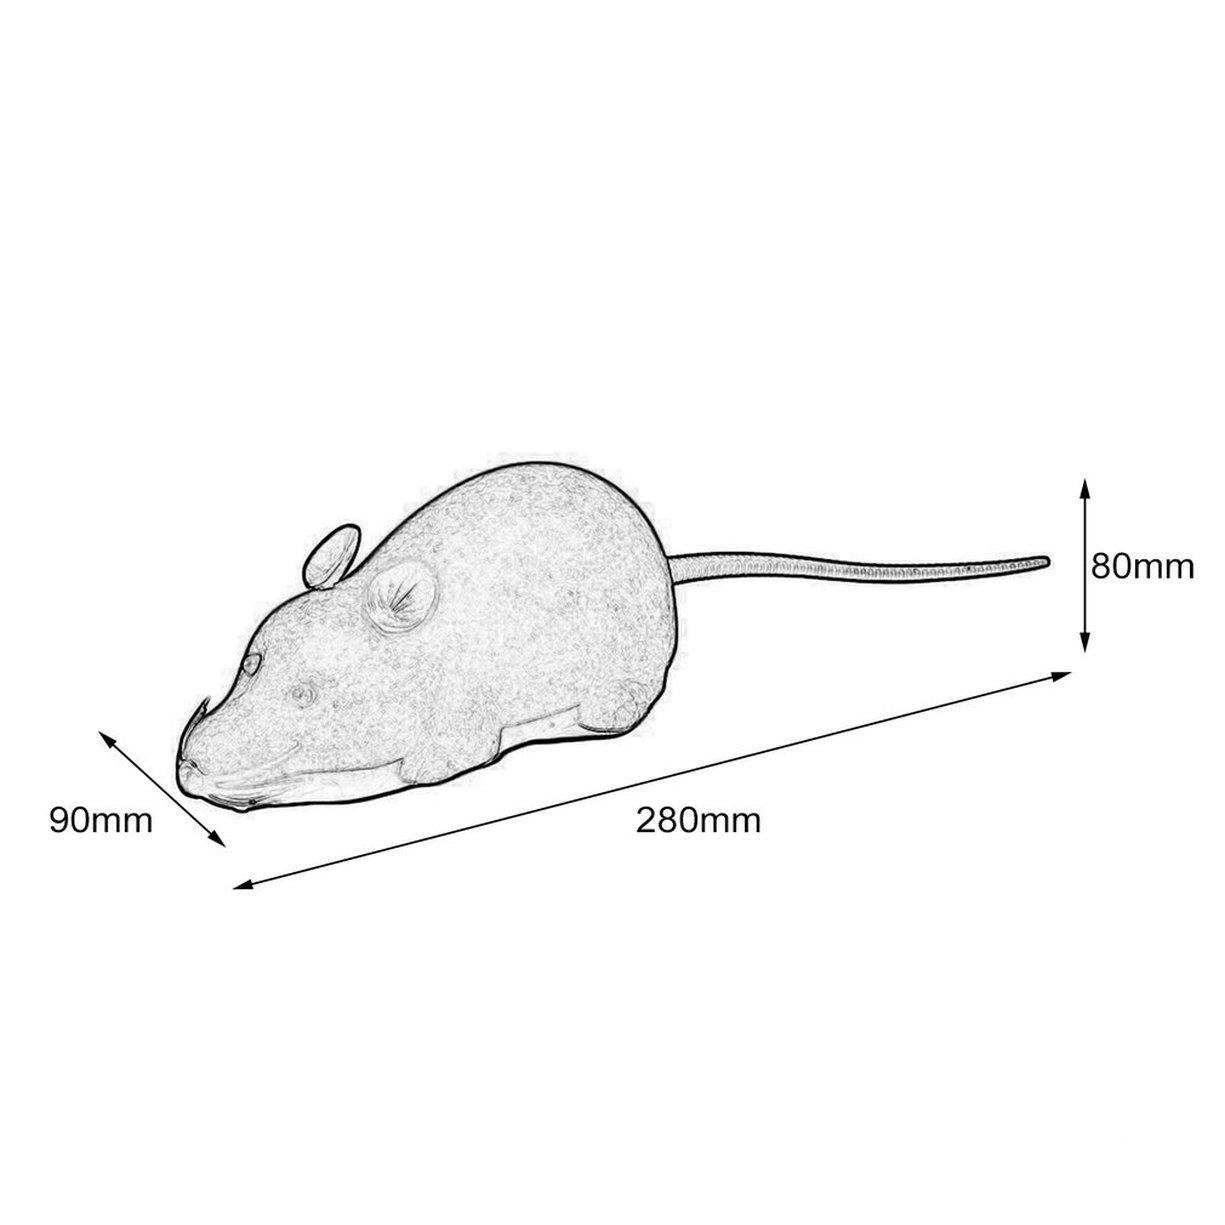 Ratón teledirigido, ratón Juguete robótico del gato interactivo Dos modos de trabajo Diversión interior elegante, teledirigido Ratón marrón Ratón Juguete ...